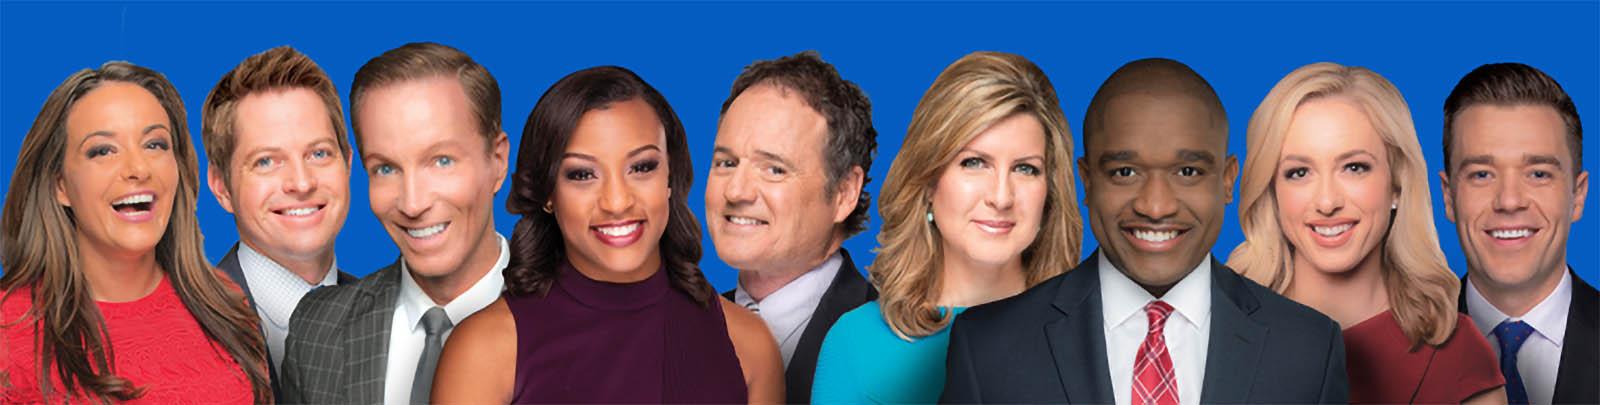 ABC 10 News Sacramento news team